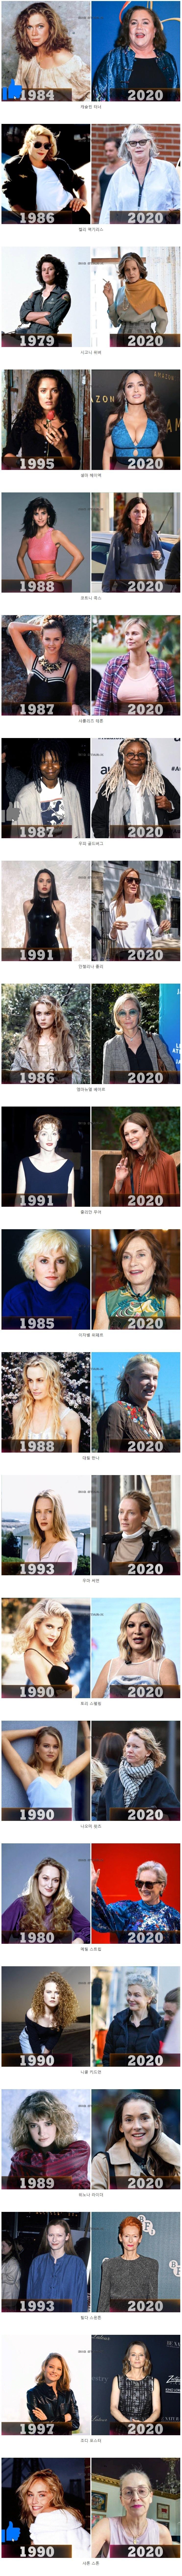 헐리우드 여배우들의 과거와 현재!!